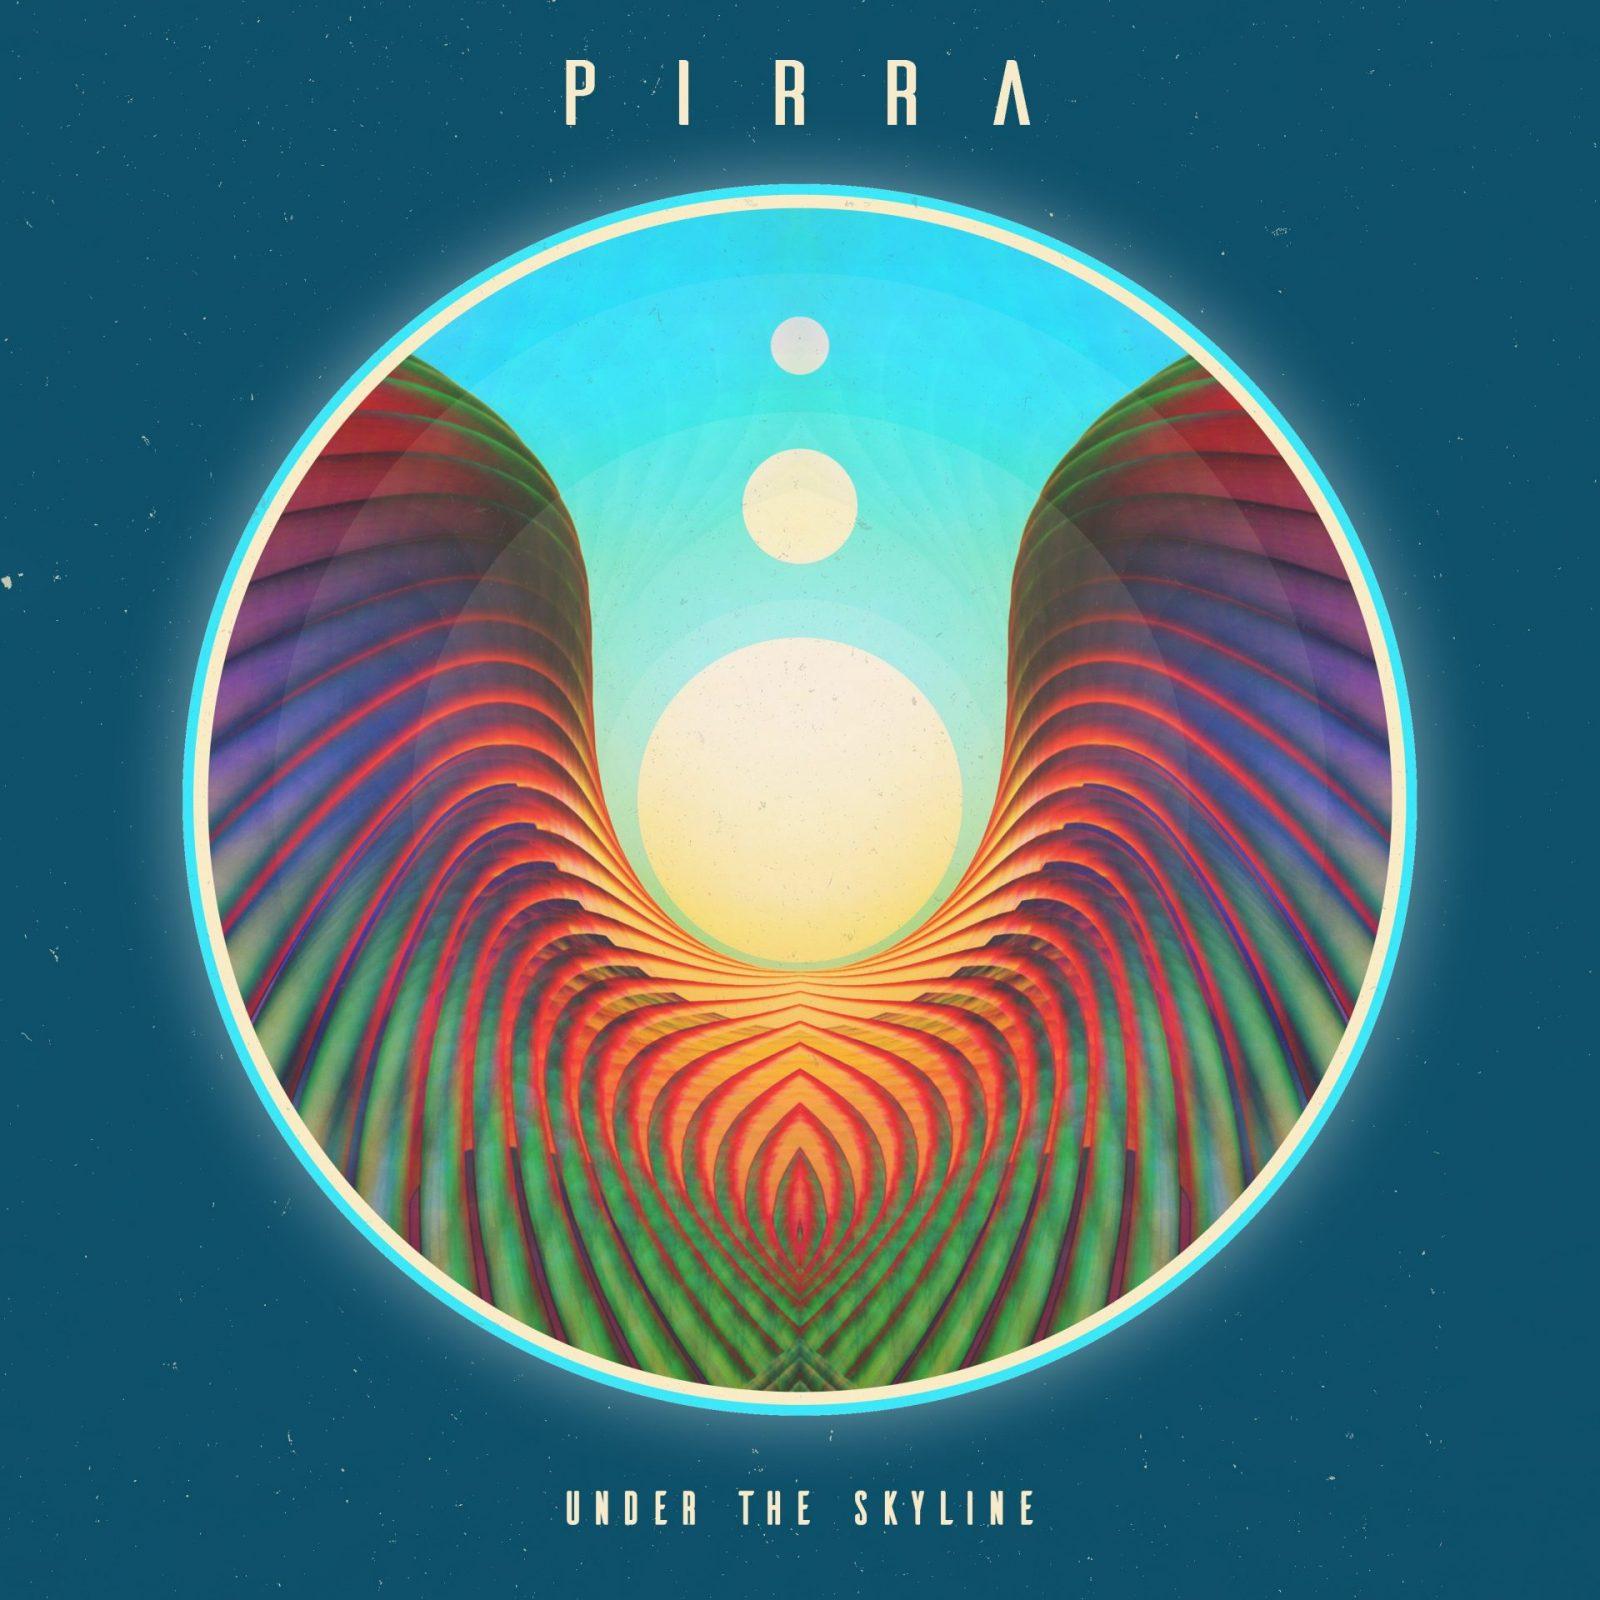 Pirra – Under the Skyline